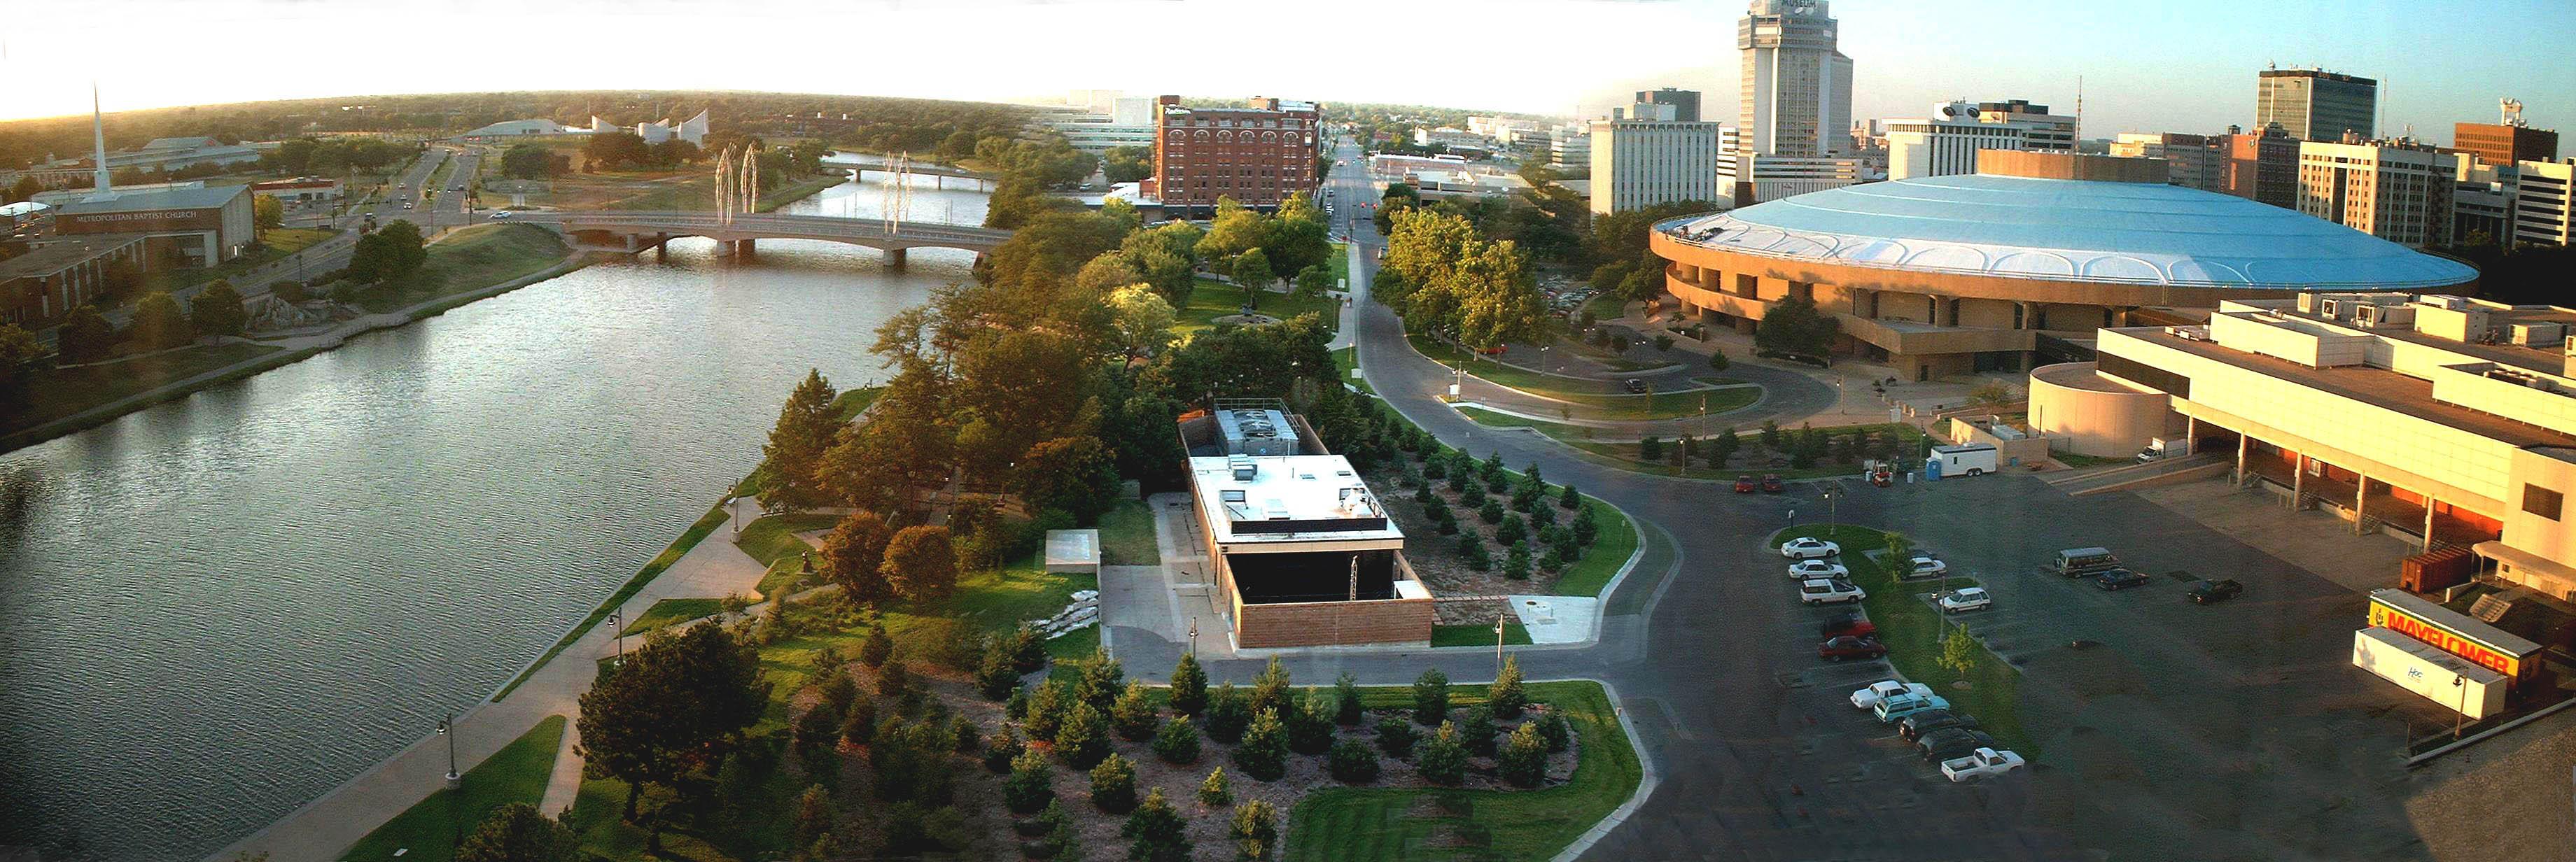 Wichita KS